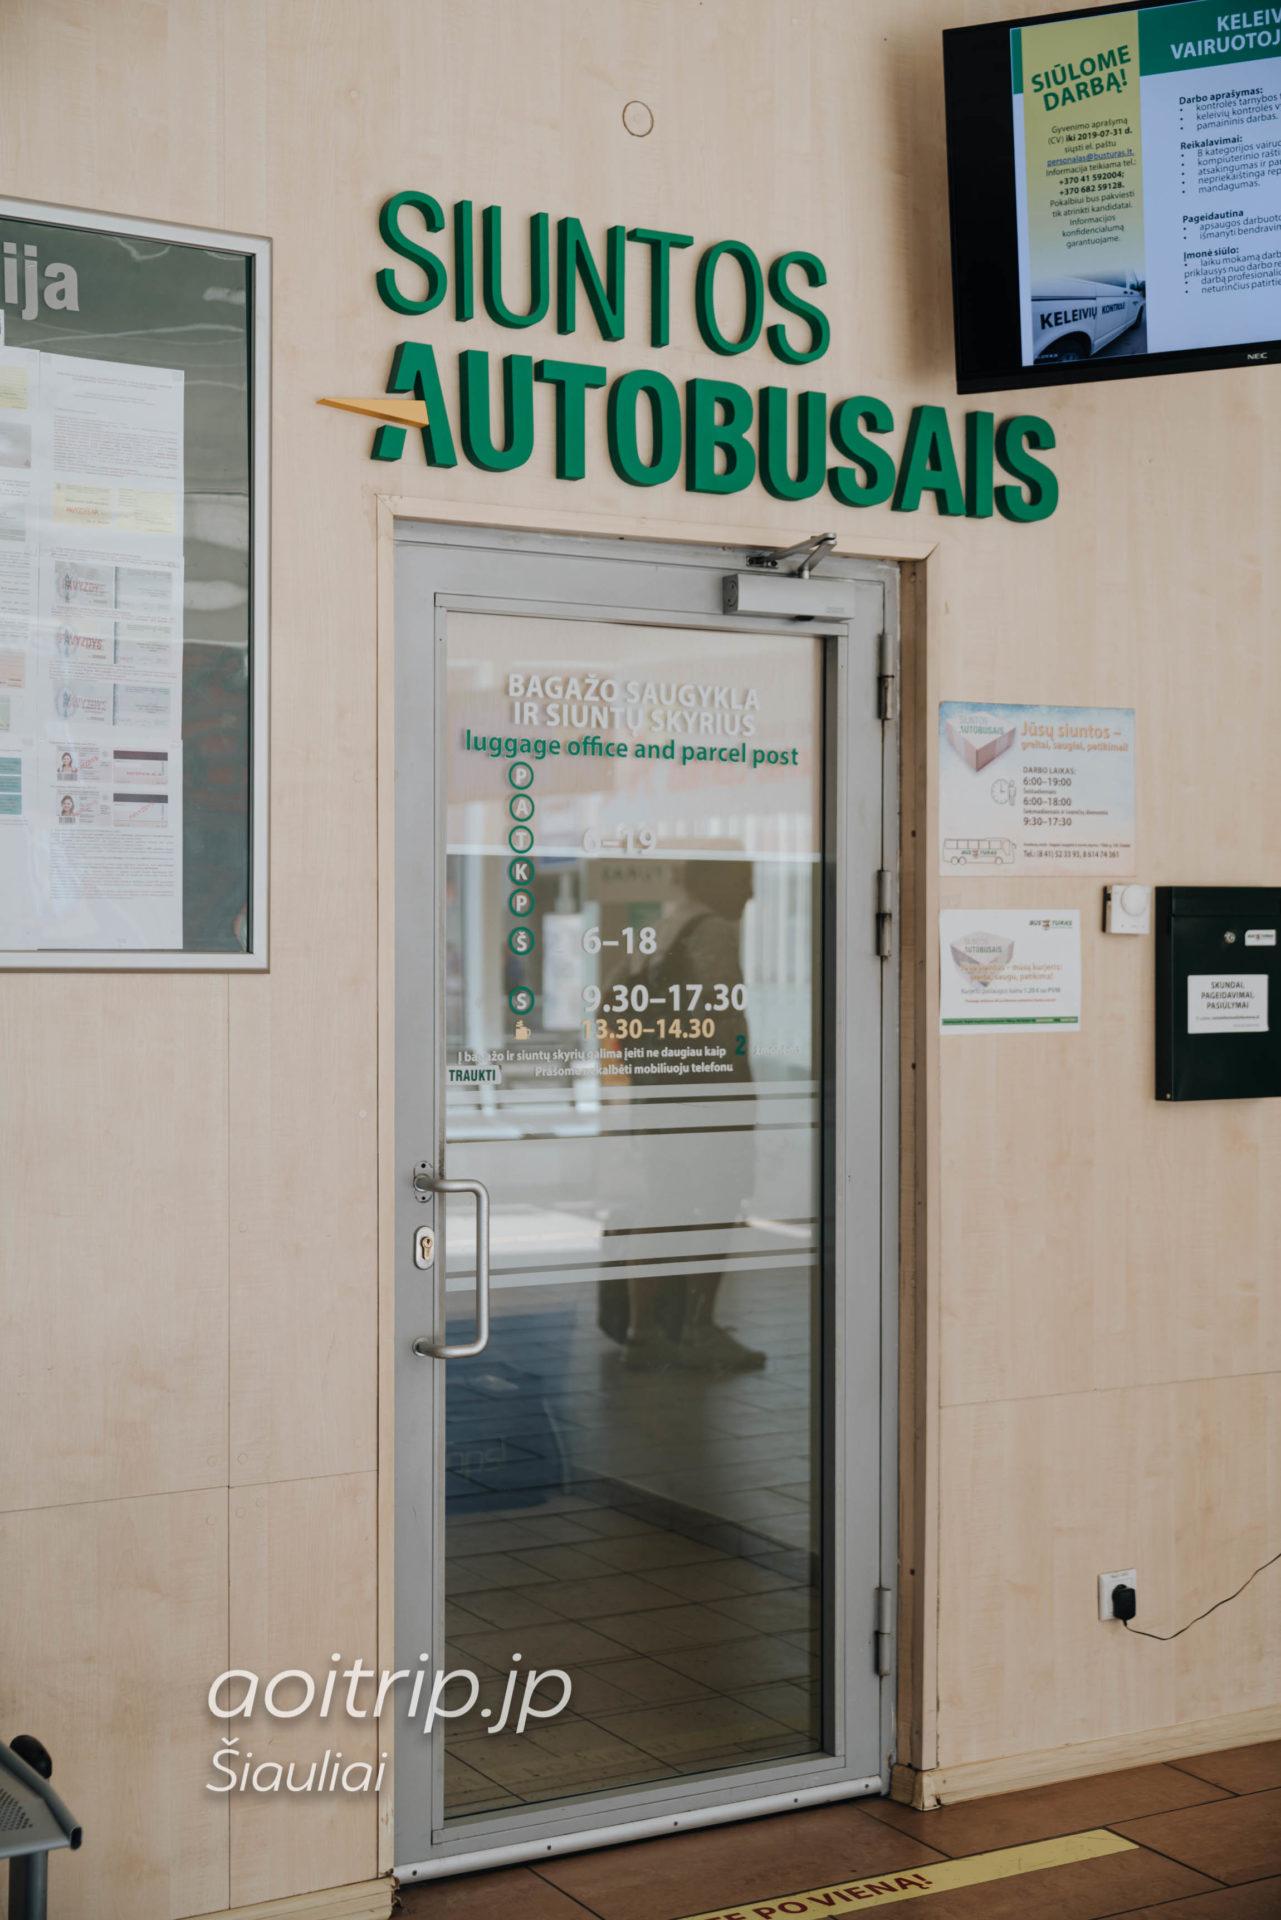 シャウレイ バスステーション(Šiauliai bus station)手荷物預り所